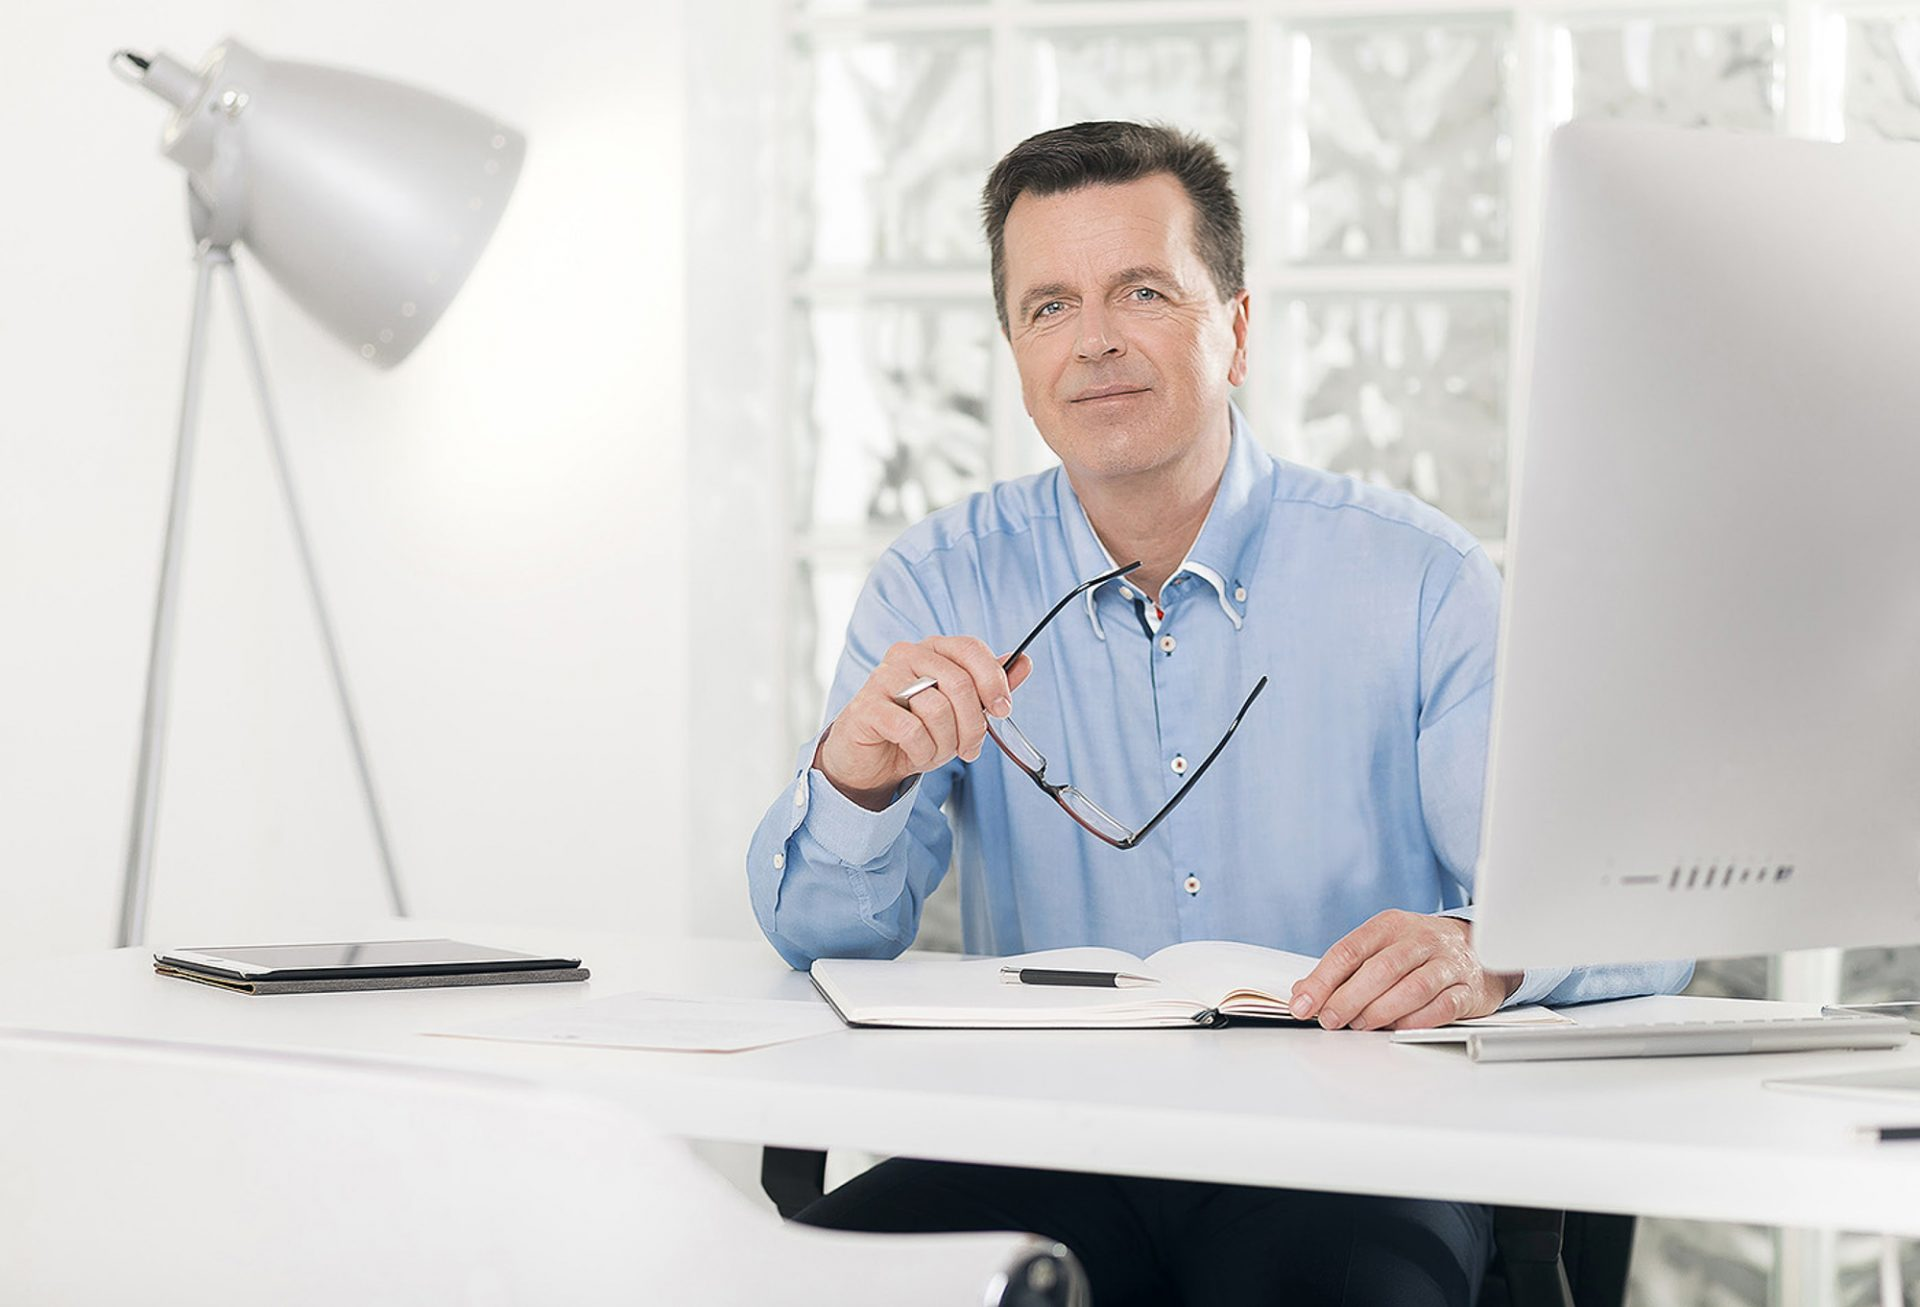 Portraitfotograf für Wirtschaftsprüfer & Rechtsanwälte ©Offenblende / Patrick aus Essen